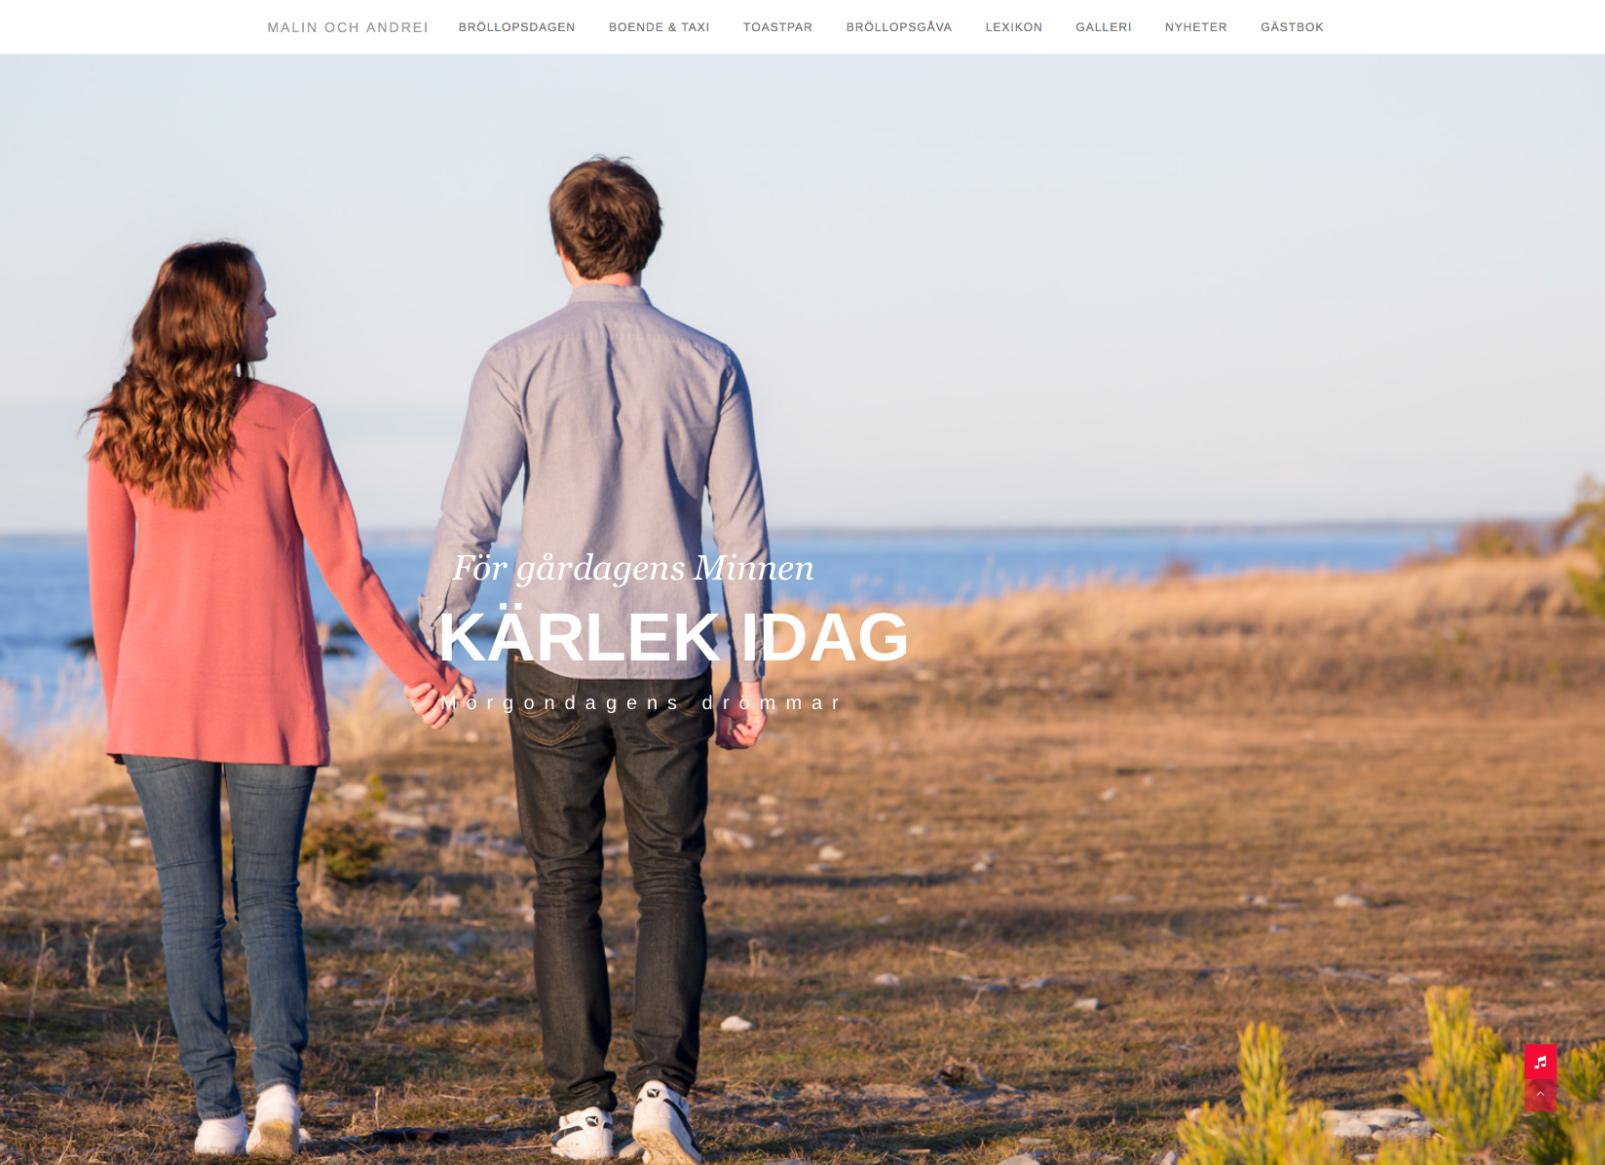 Malin och Andrei hemsida kärlek idag Alexa Produktion